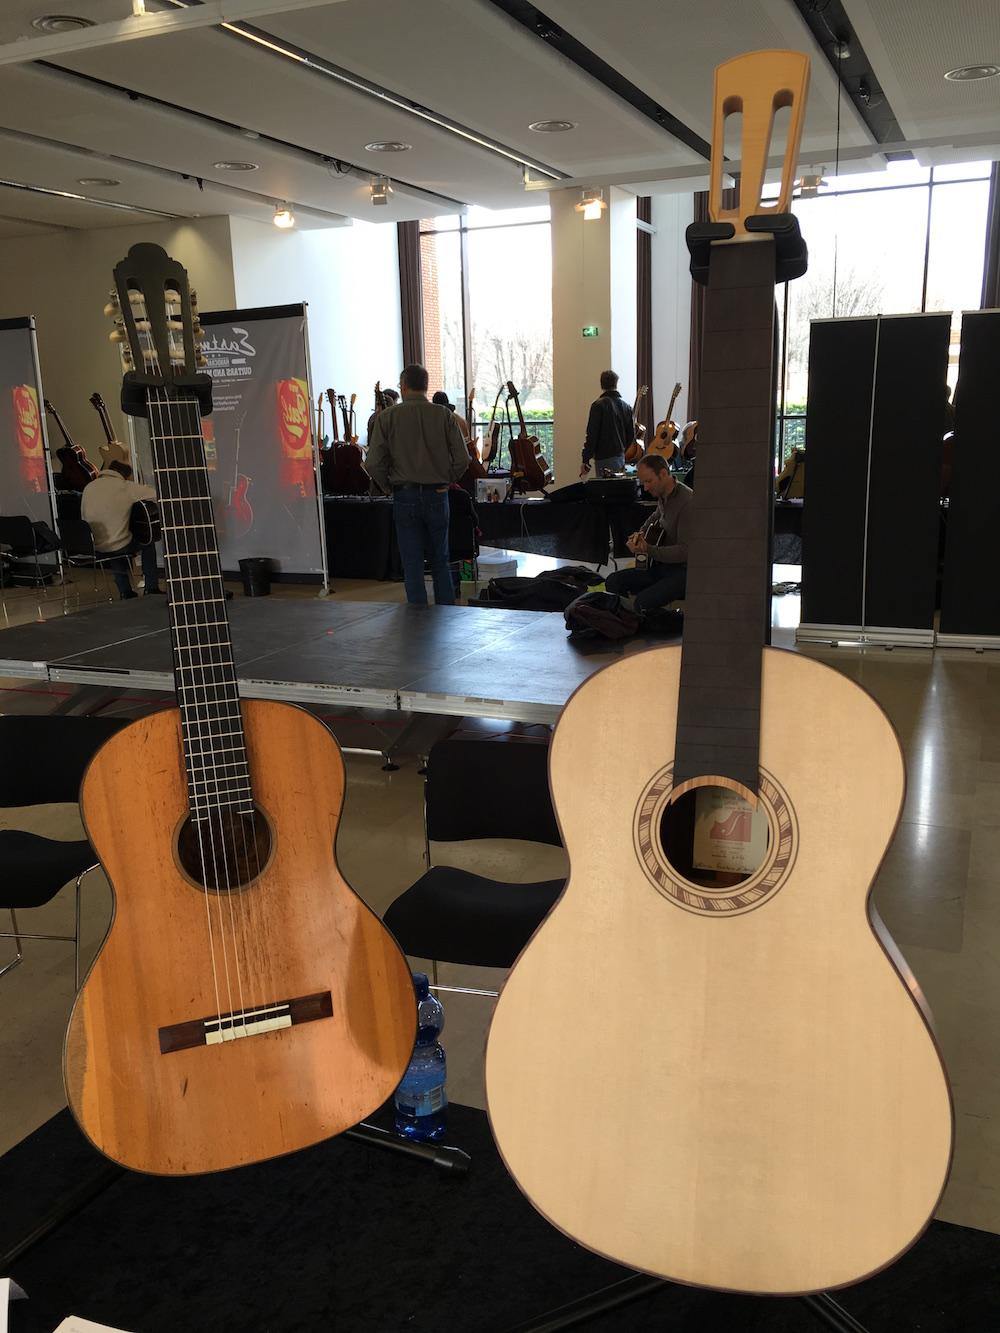 Le stand du luthier Olivier Fanton d'Andon lors de Guitares au Beffroi 2016